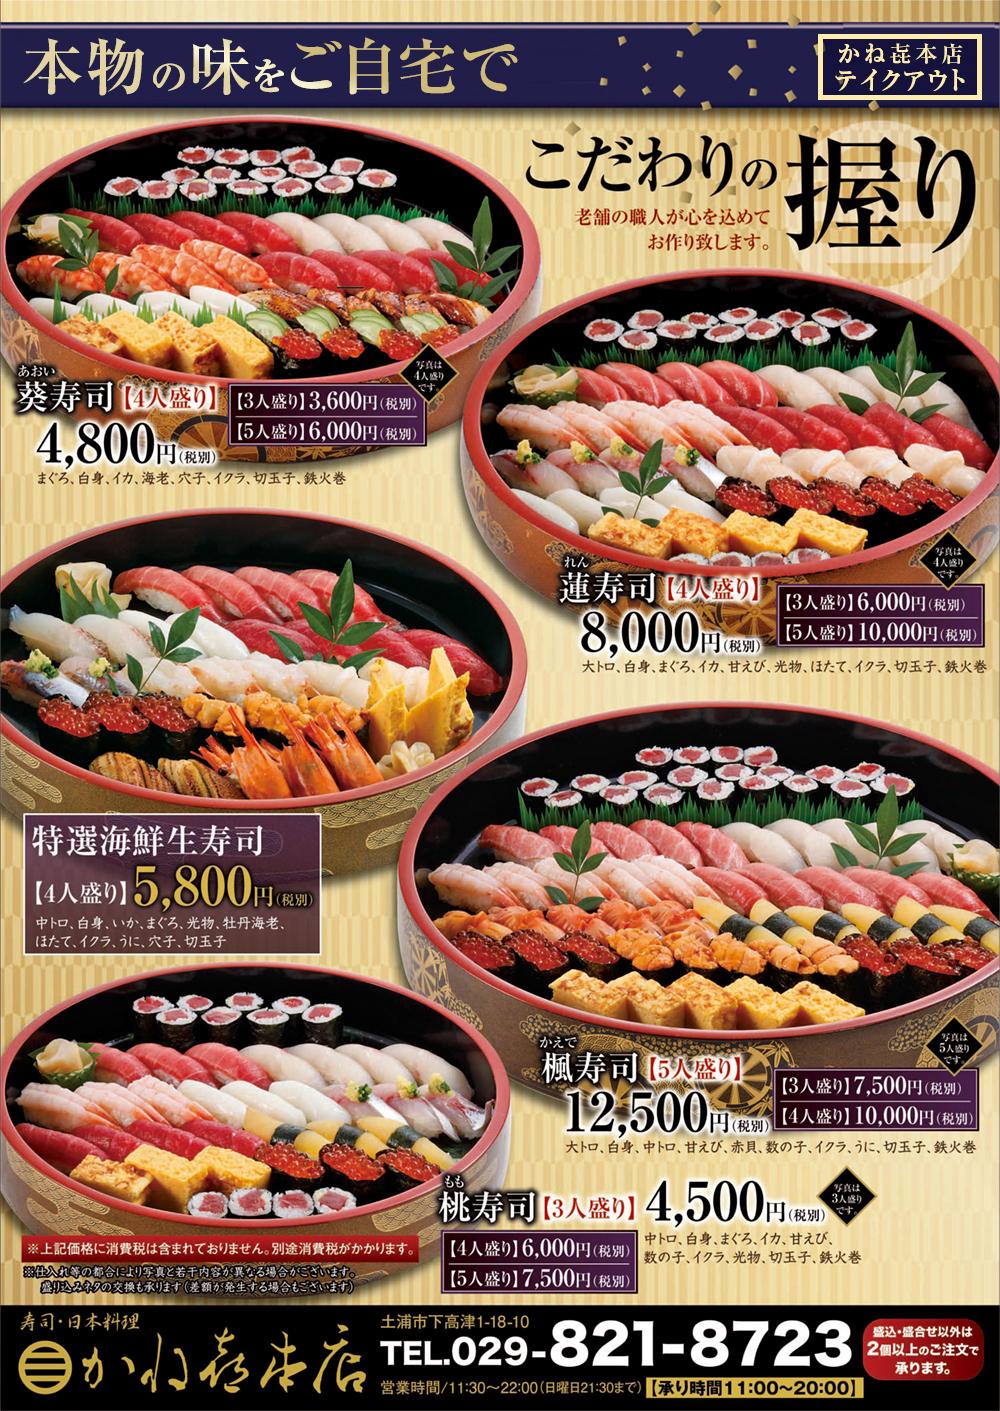 盛り込み寿司